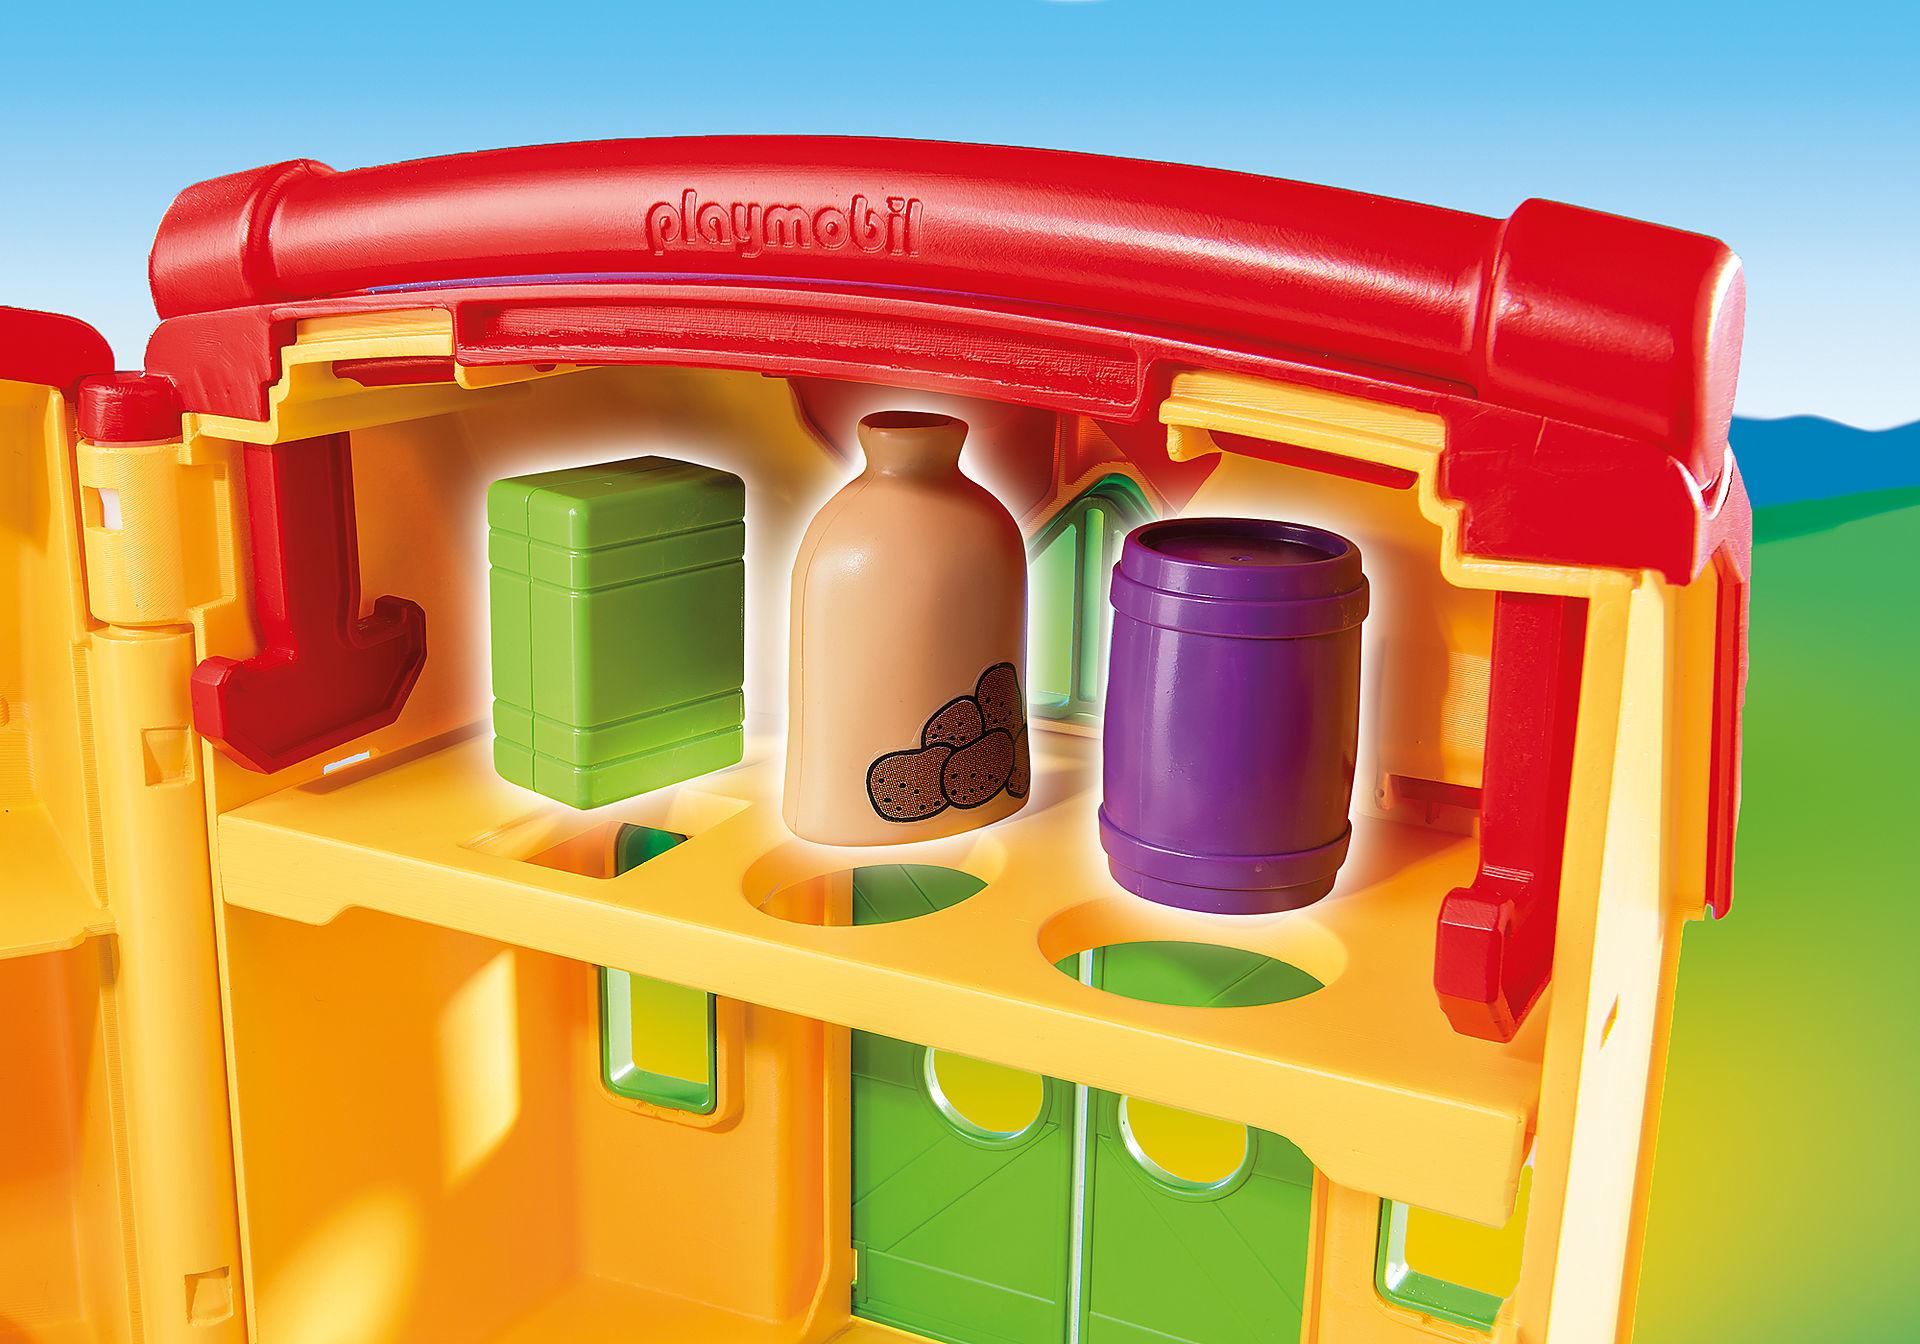 http://media.playmobil.com/i/playmobil/6962_product_extra1/Min bondgård som jag kan ta med mig